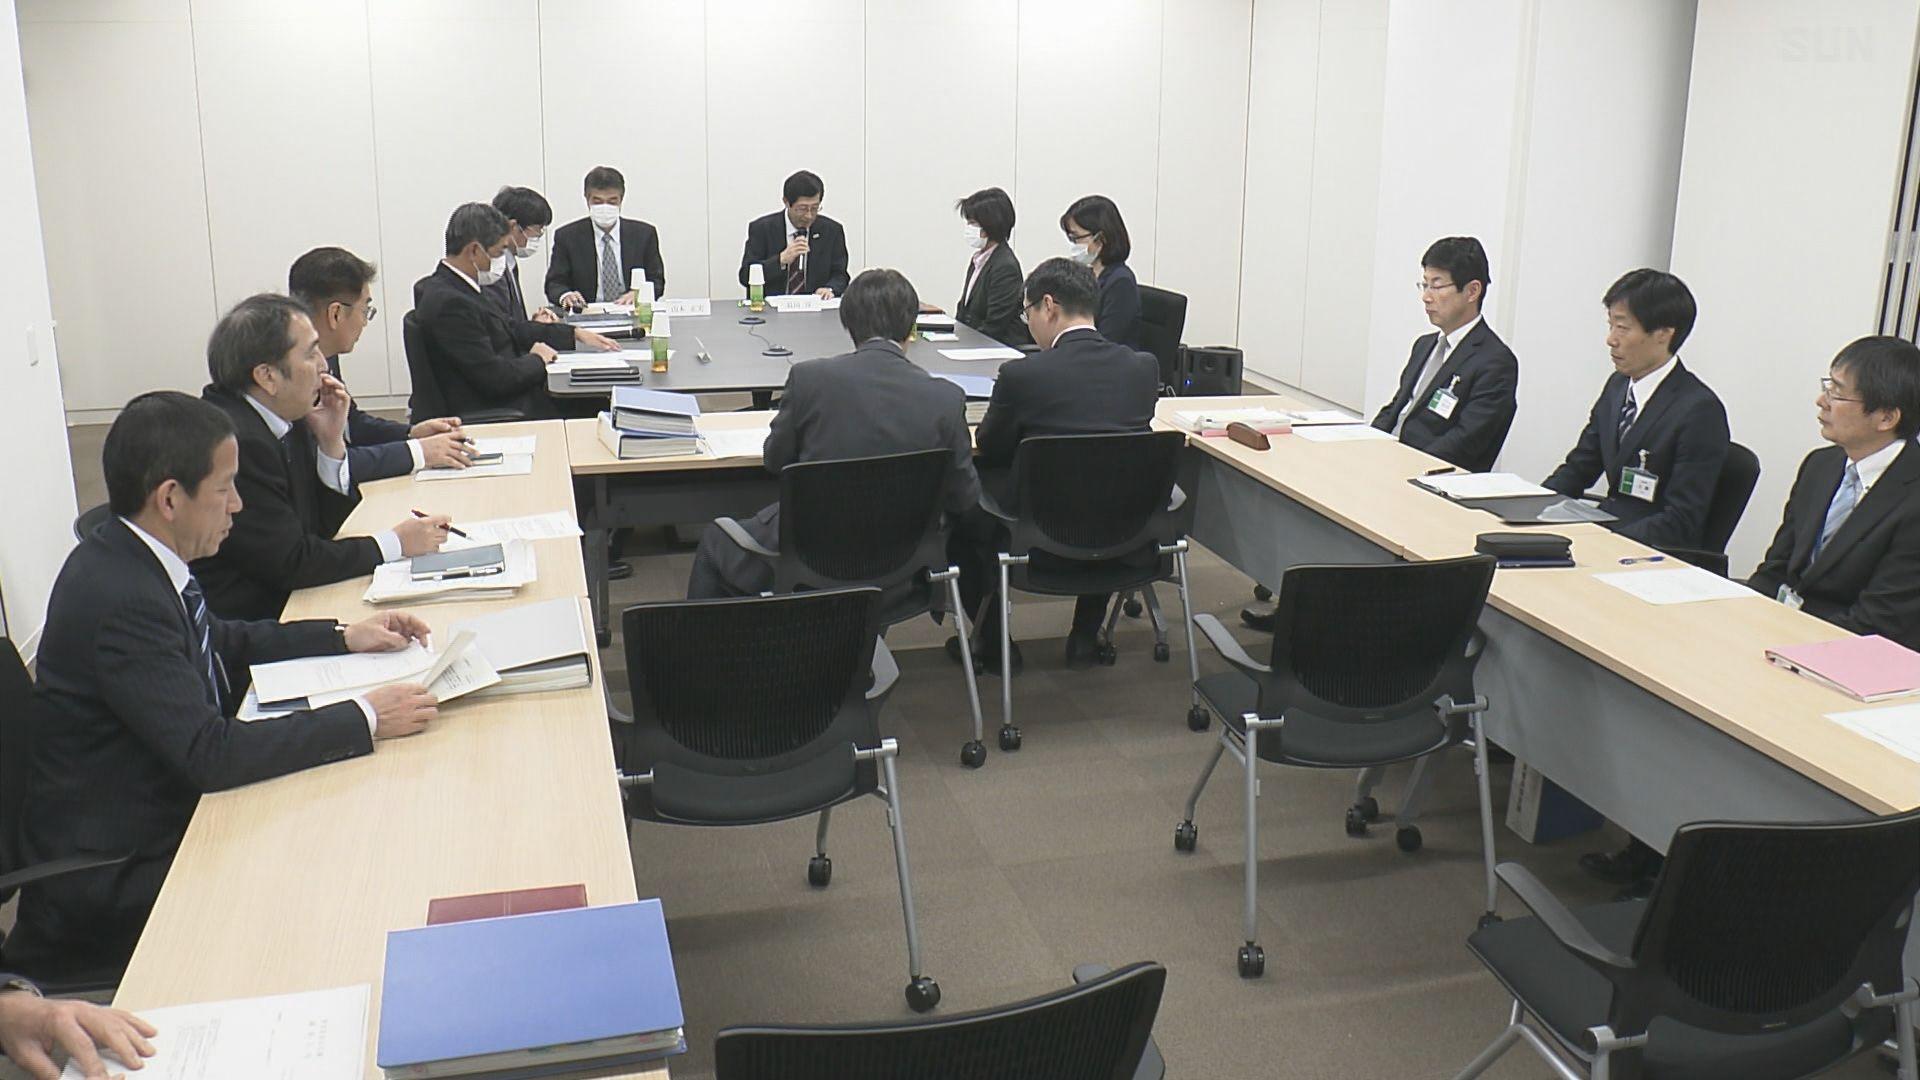 延長 東京 休校